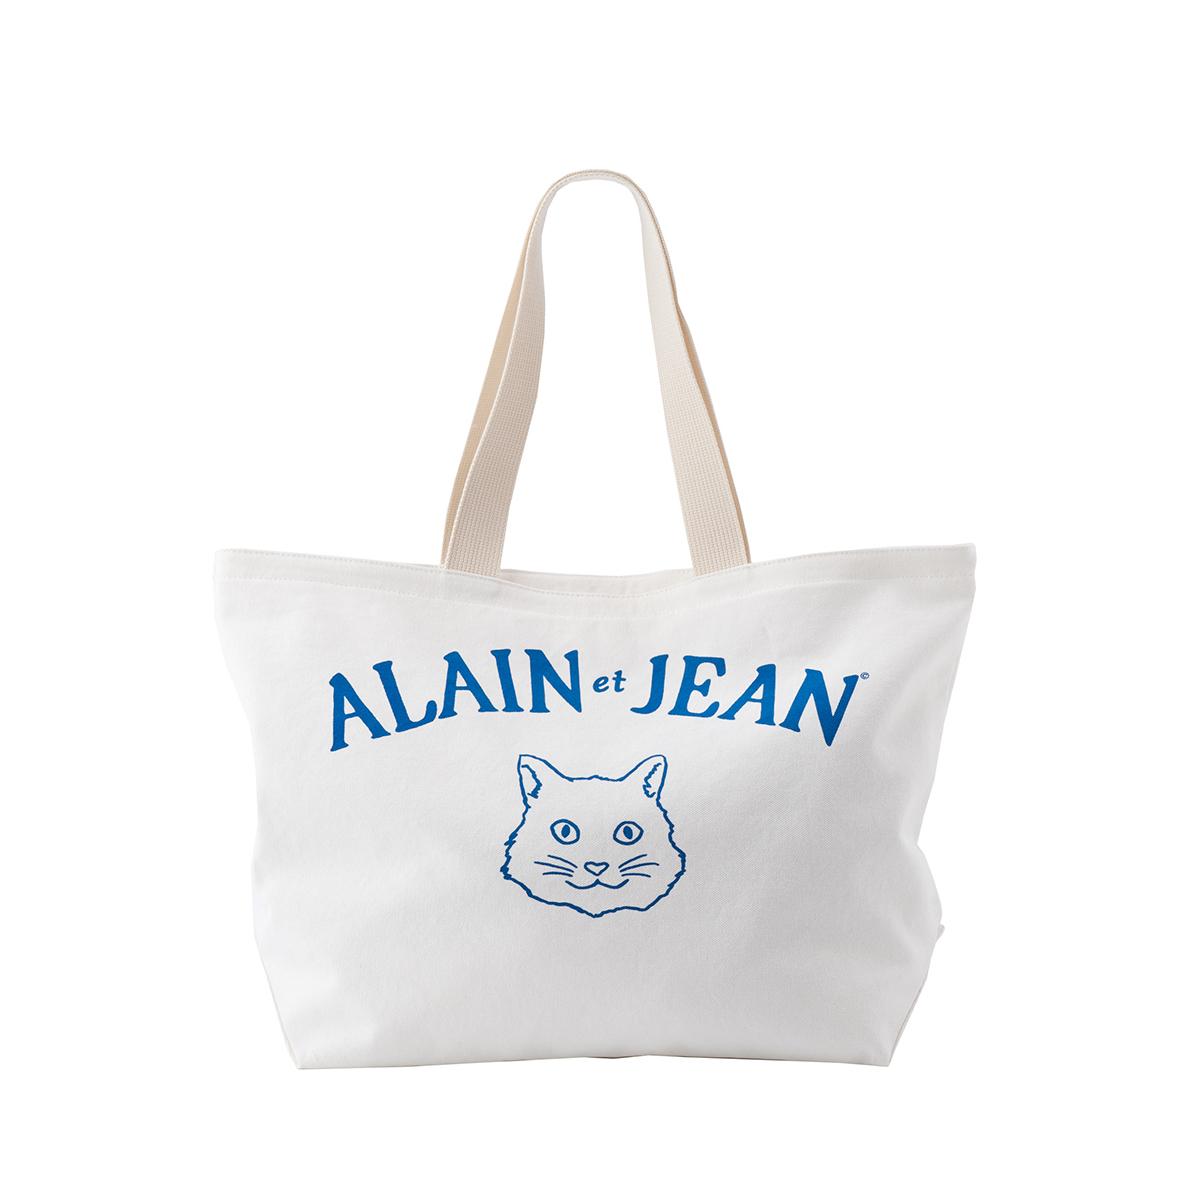 旅する猫「アランとジャン」|猫から教わった人生で大切なこと - 旅する猫「アランとジャン」の言葉と表情に毎日幸せを感じられる帆布トートバッグ(普段使い・小旅行兼用)